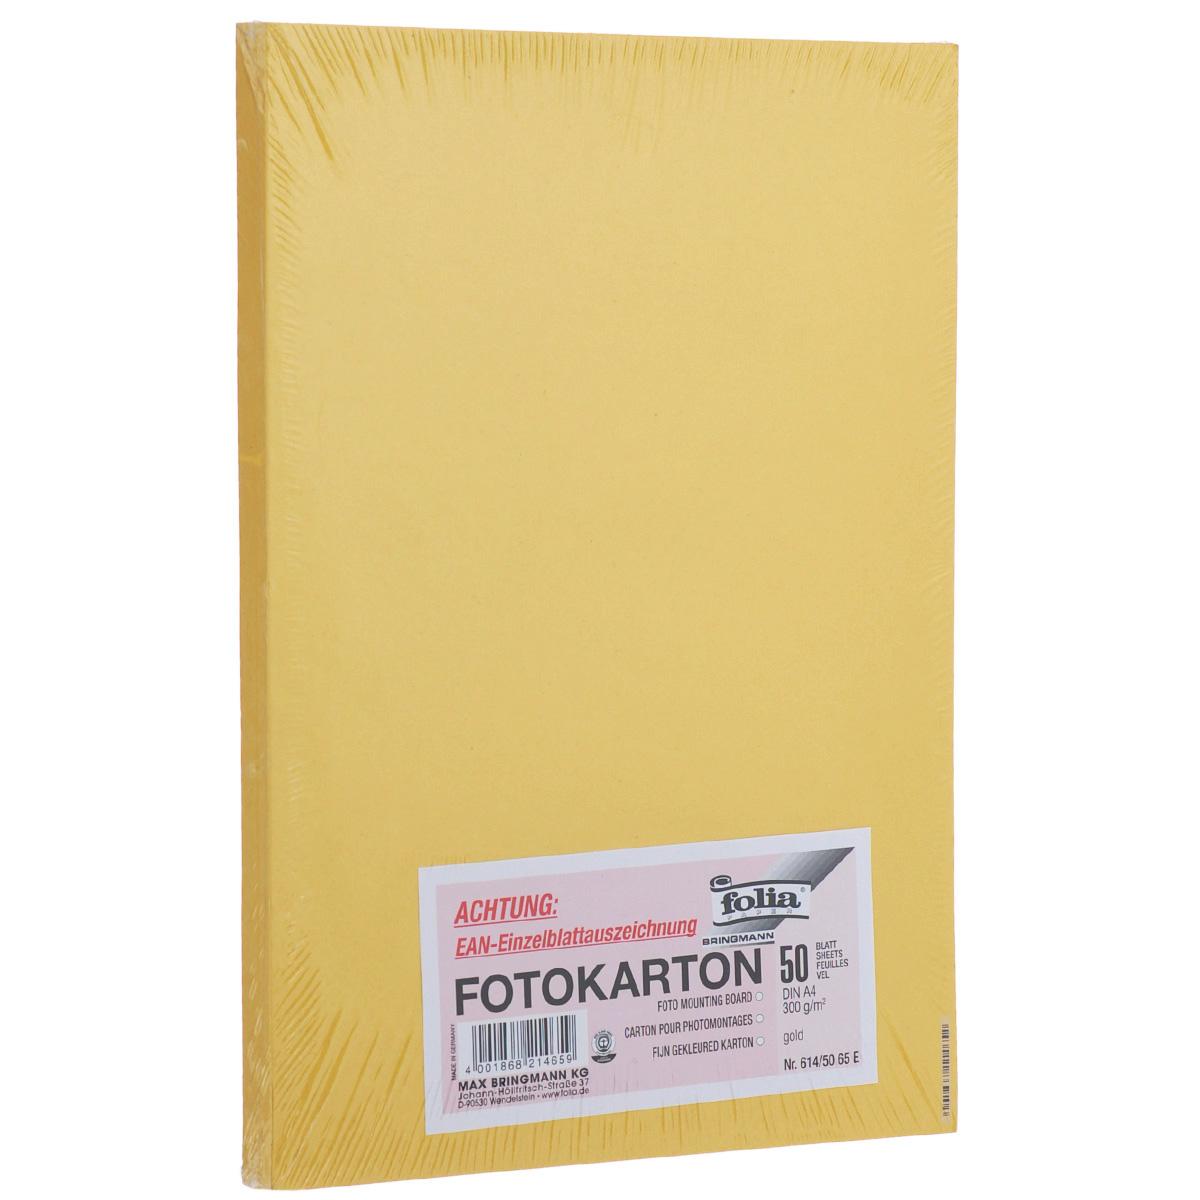 Фотокартон Folia, цвет: золото, 21 х 30 см, 50 листов. 7708058_65Е72523WDФотокартон Folia - это цветной плотный картон. Используется для изготовления открыток, пригласительных, для скрапбукинга, для изготовления паспарту и других декоративных или дизайнерских работ.